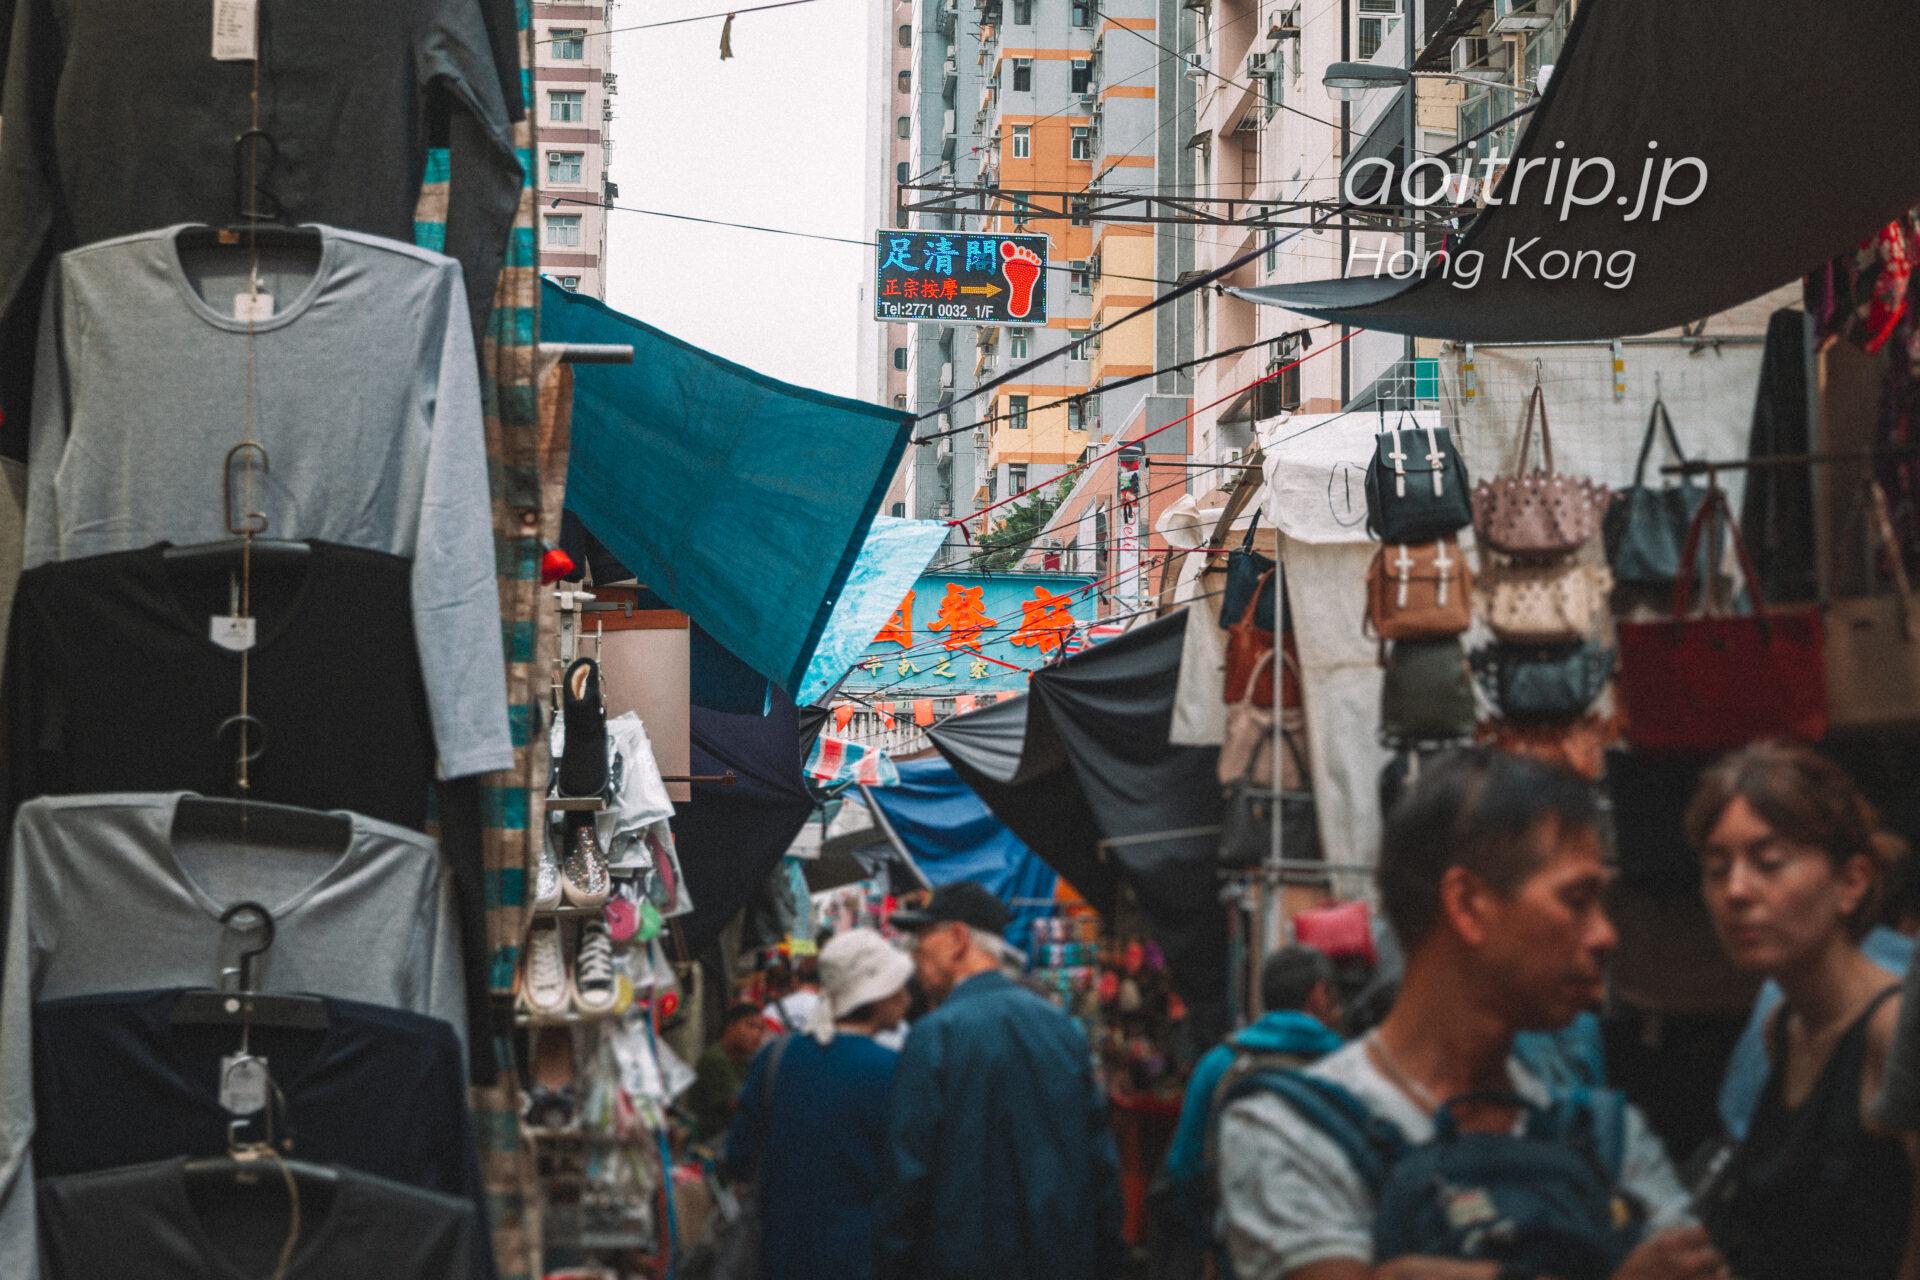 マーケットを散策する Visit the Markets